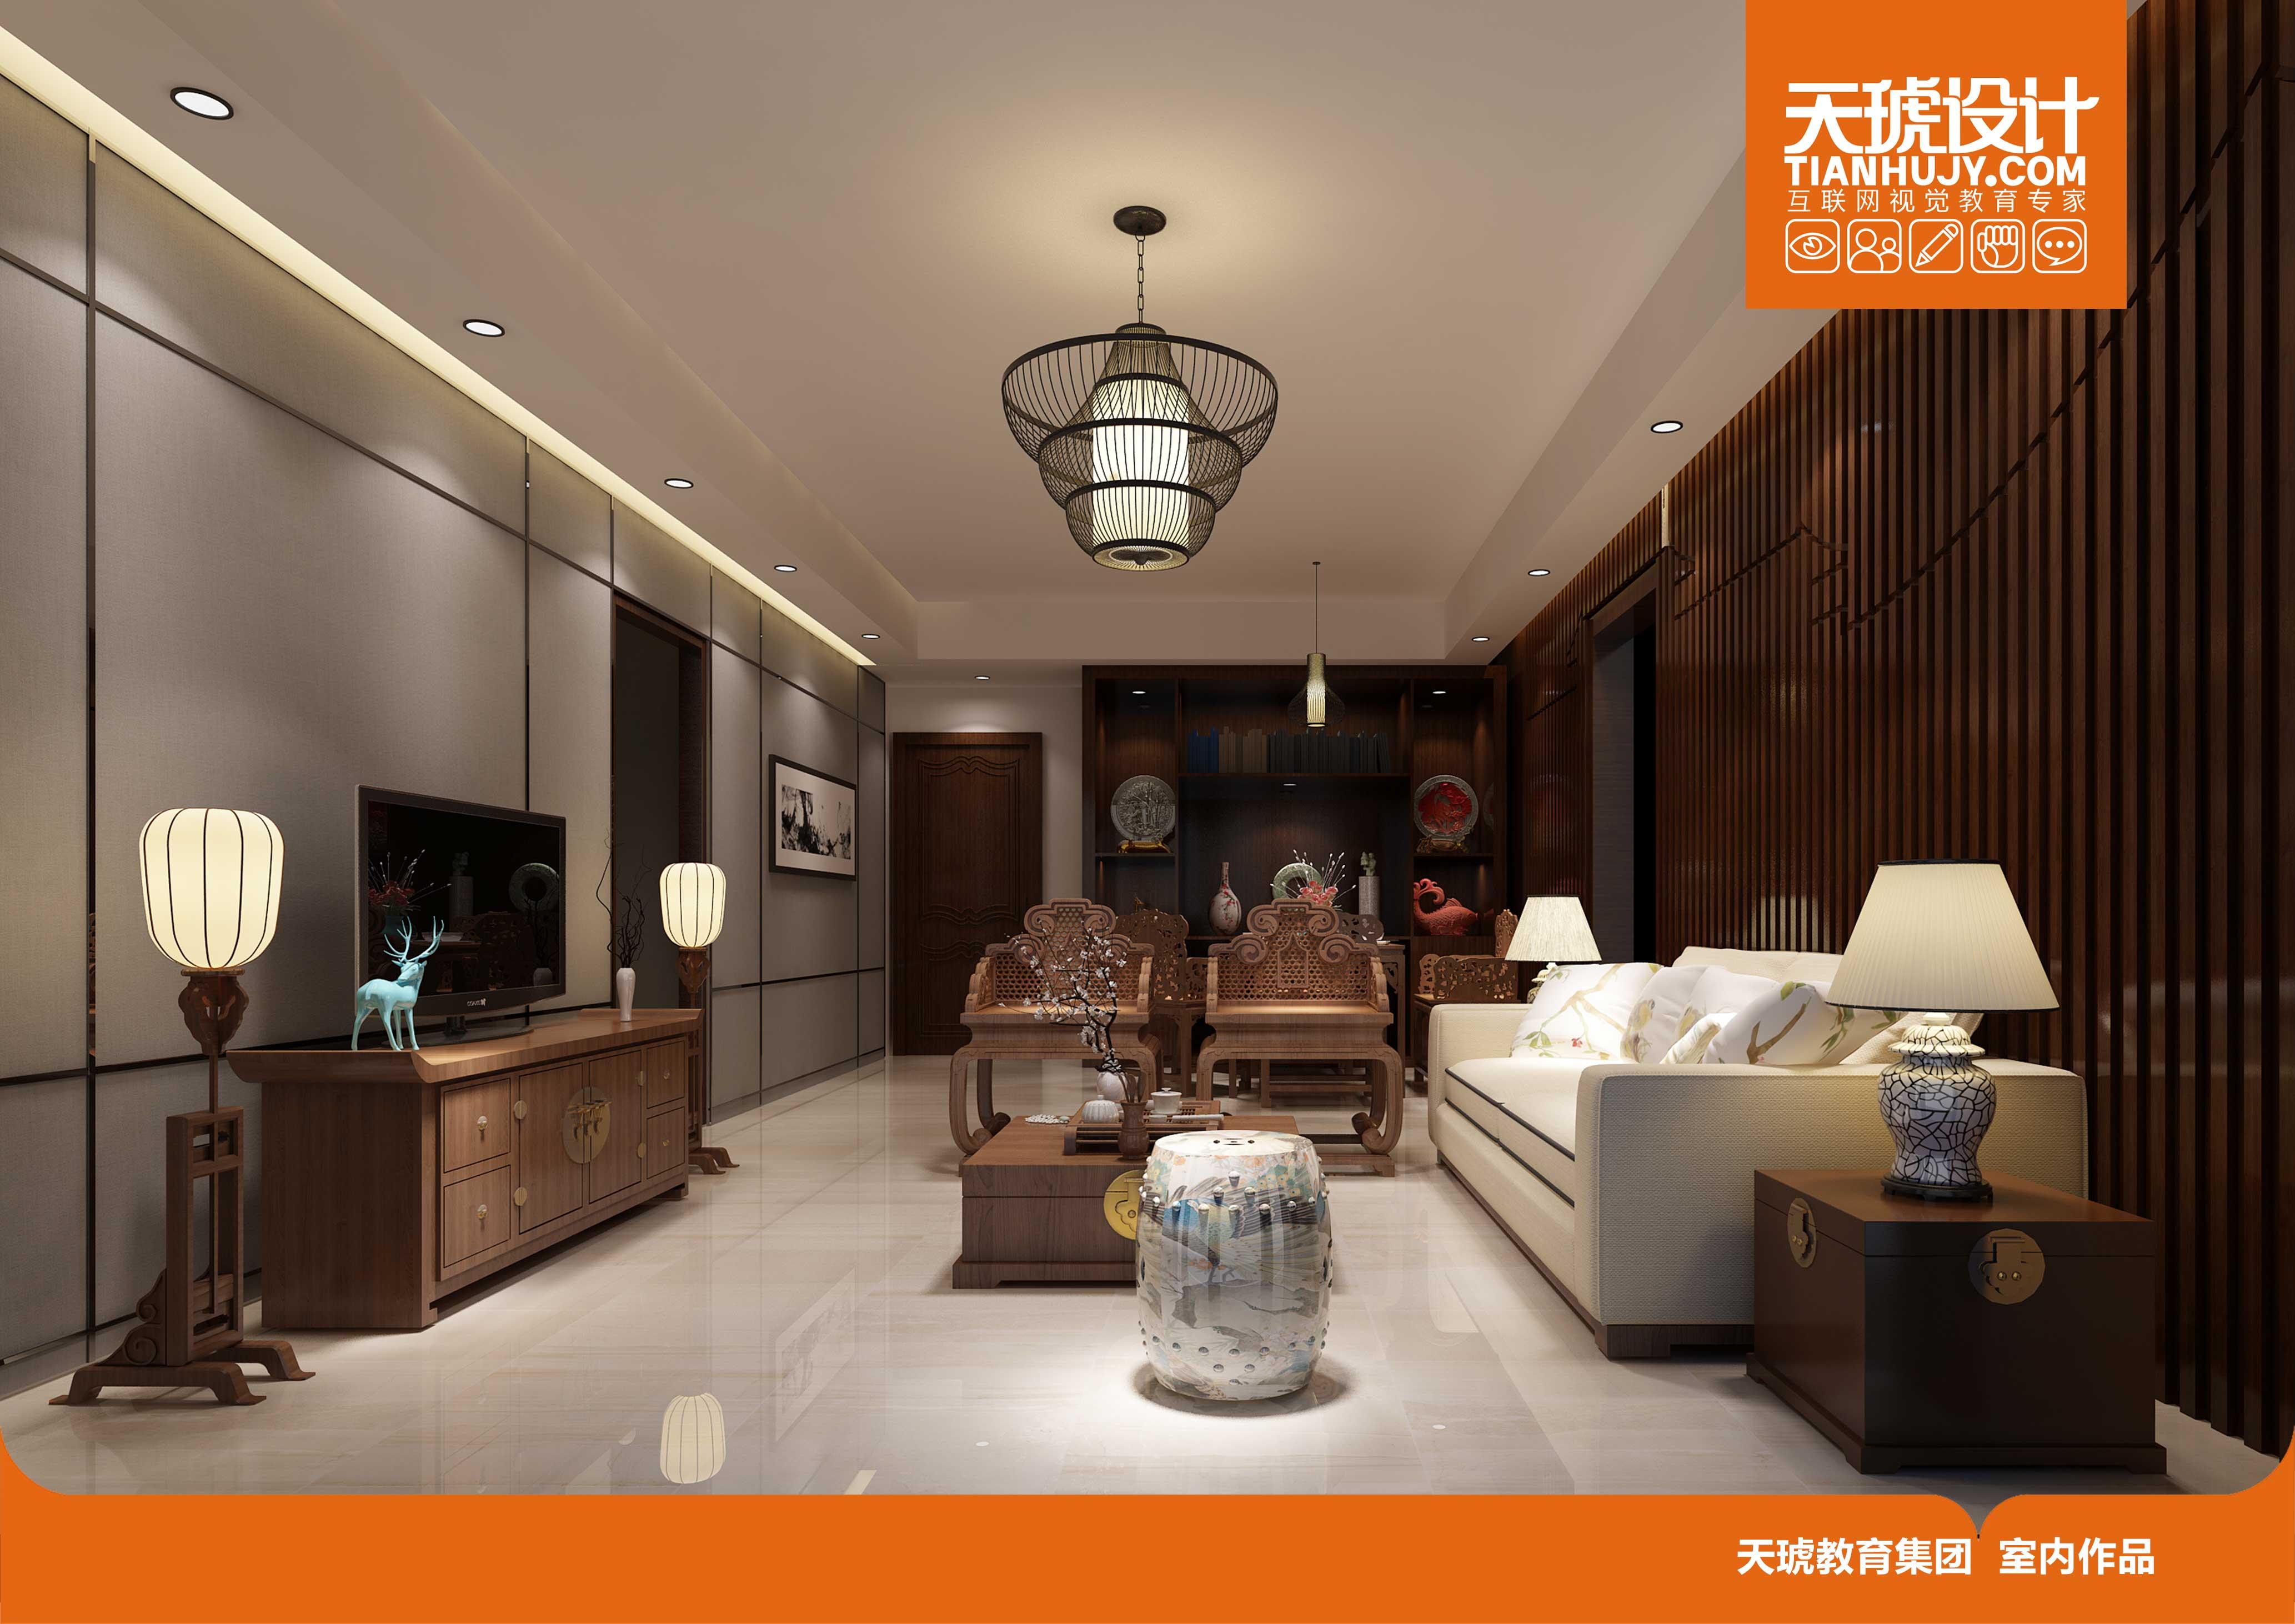 新中式客厅效果图设计 - 室内设计学员作品